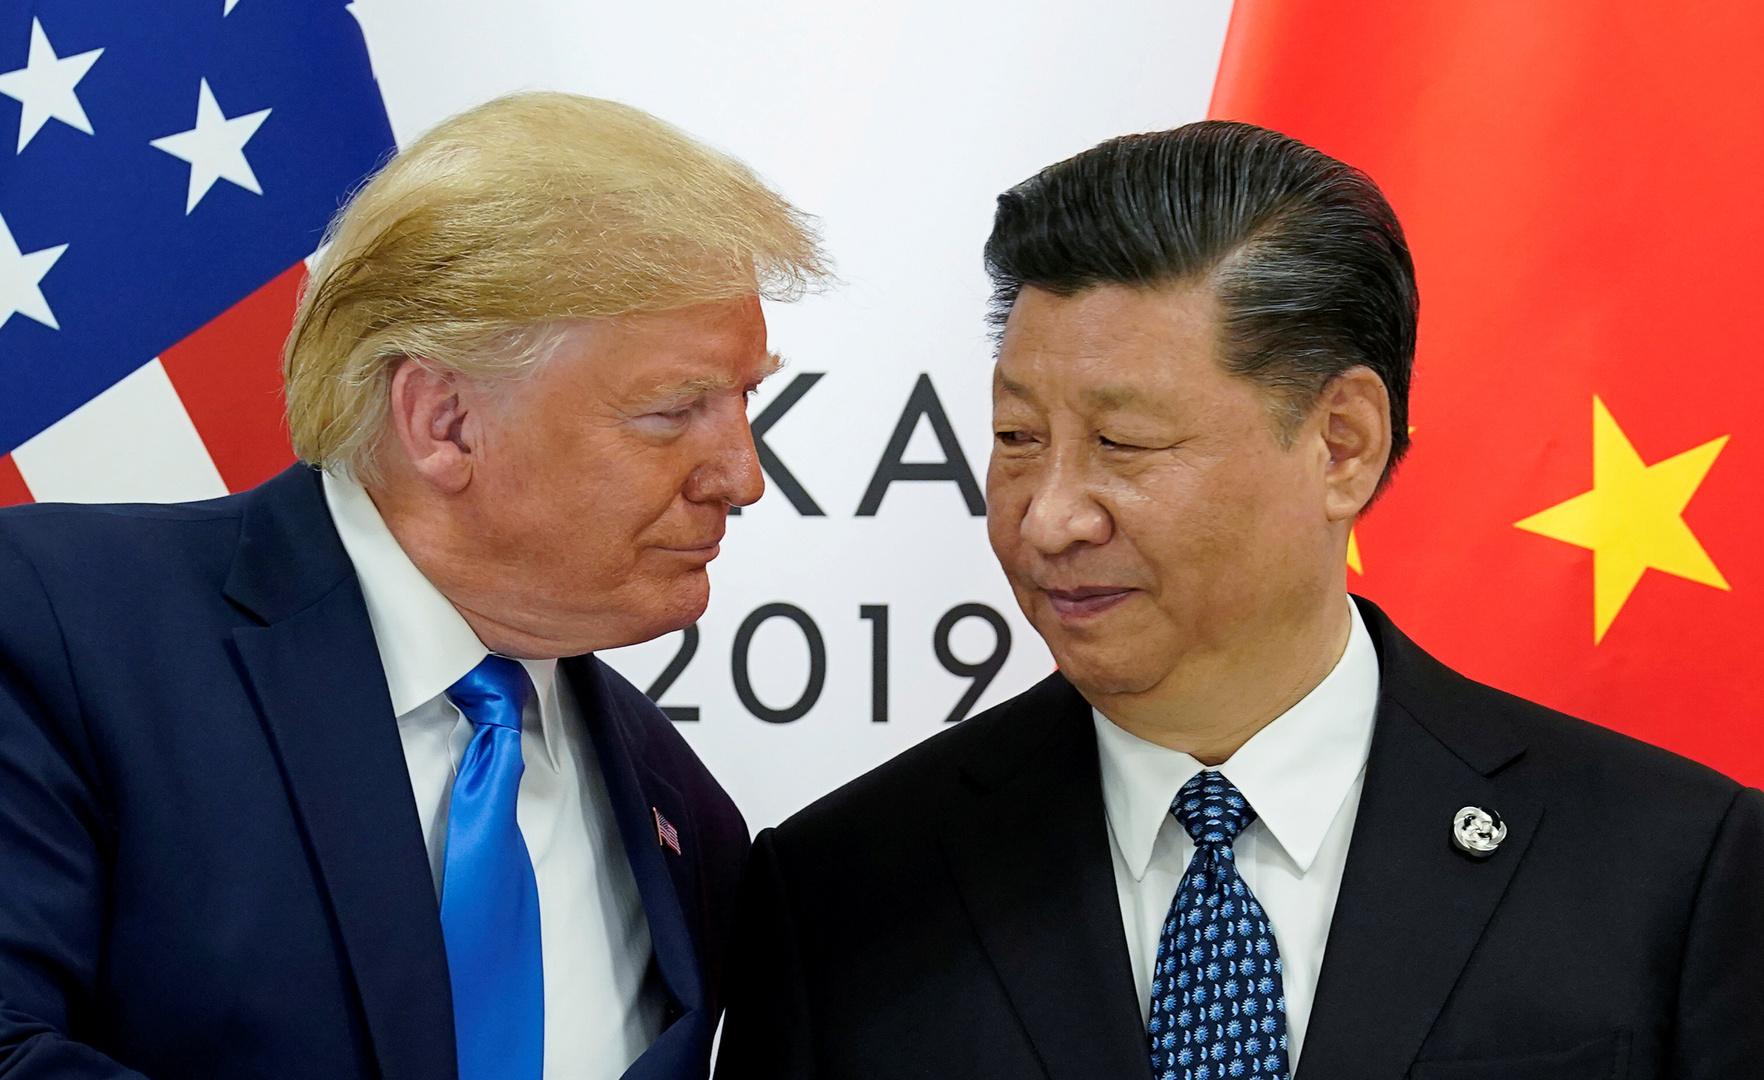 الرئيس الصيني، شي جين بينغ، ونظيره الأمريكي، دونالد ترامب.